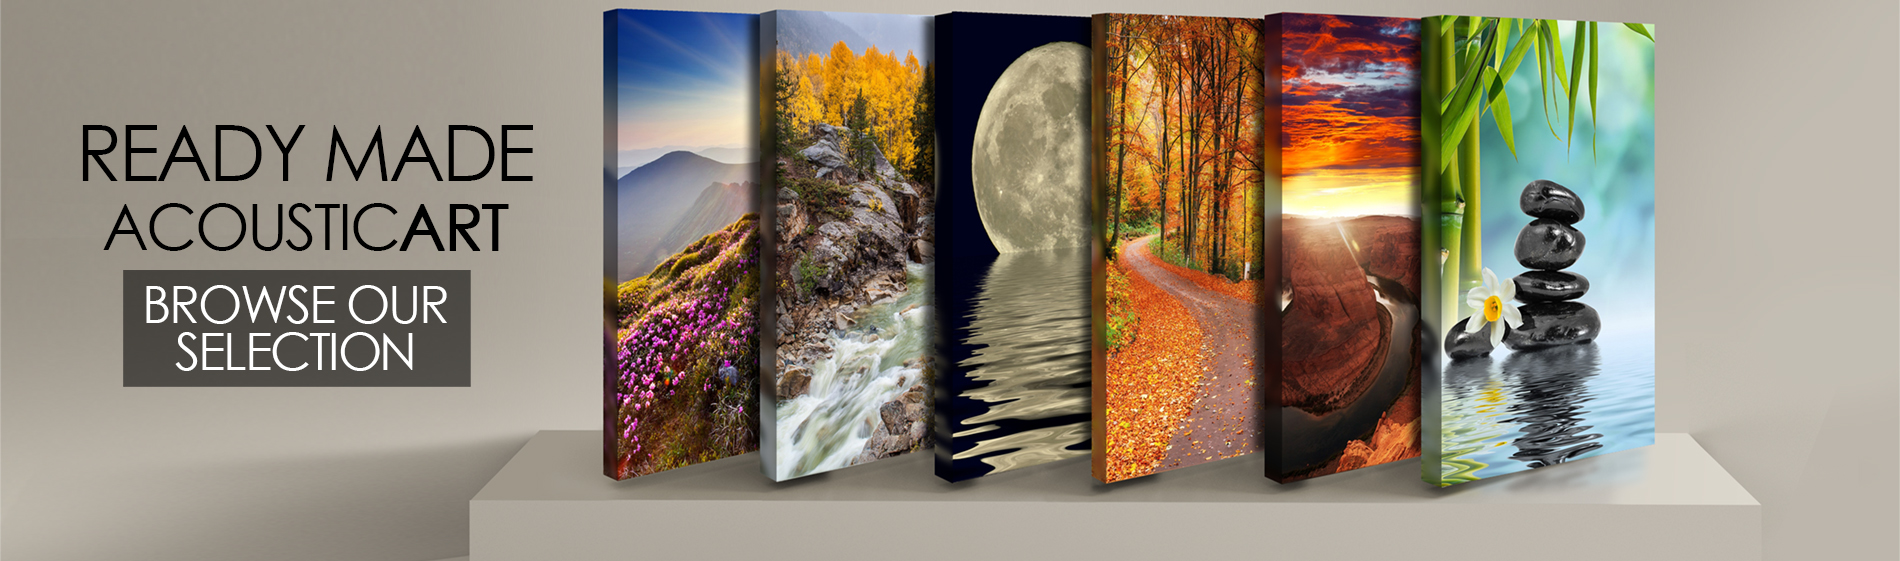 acoustic art panels decorative